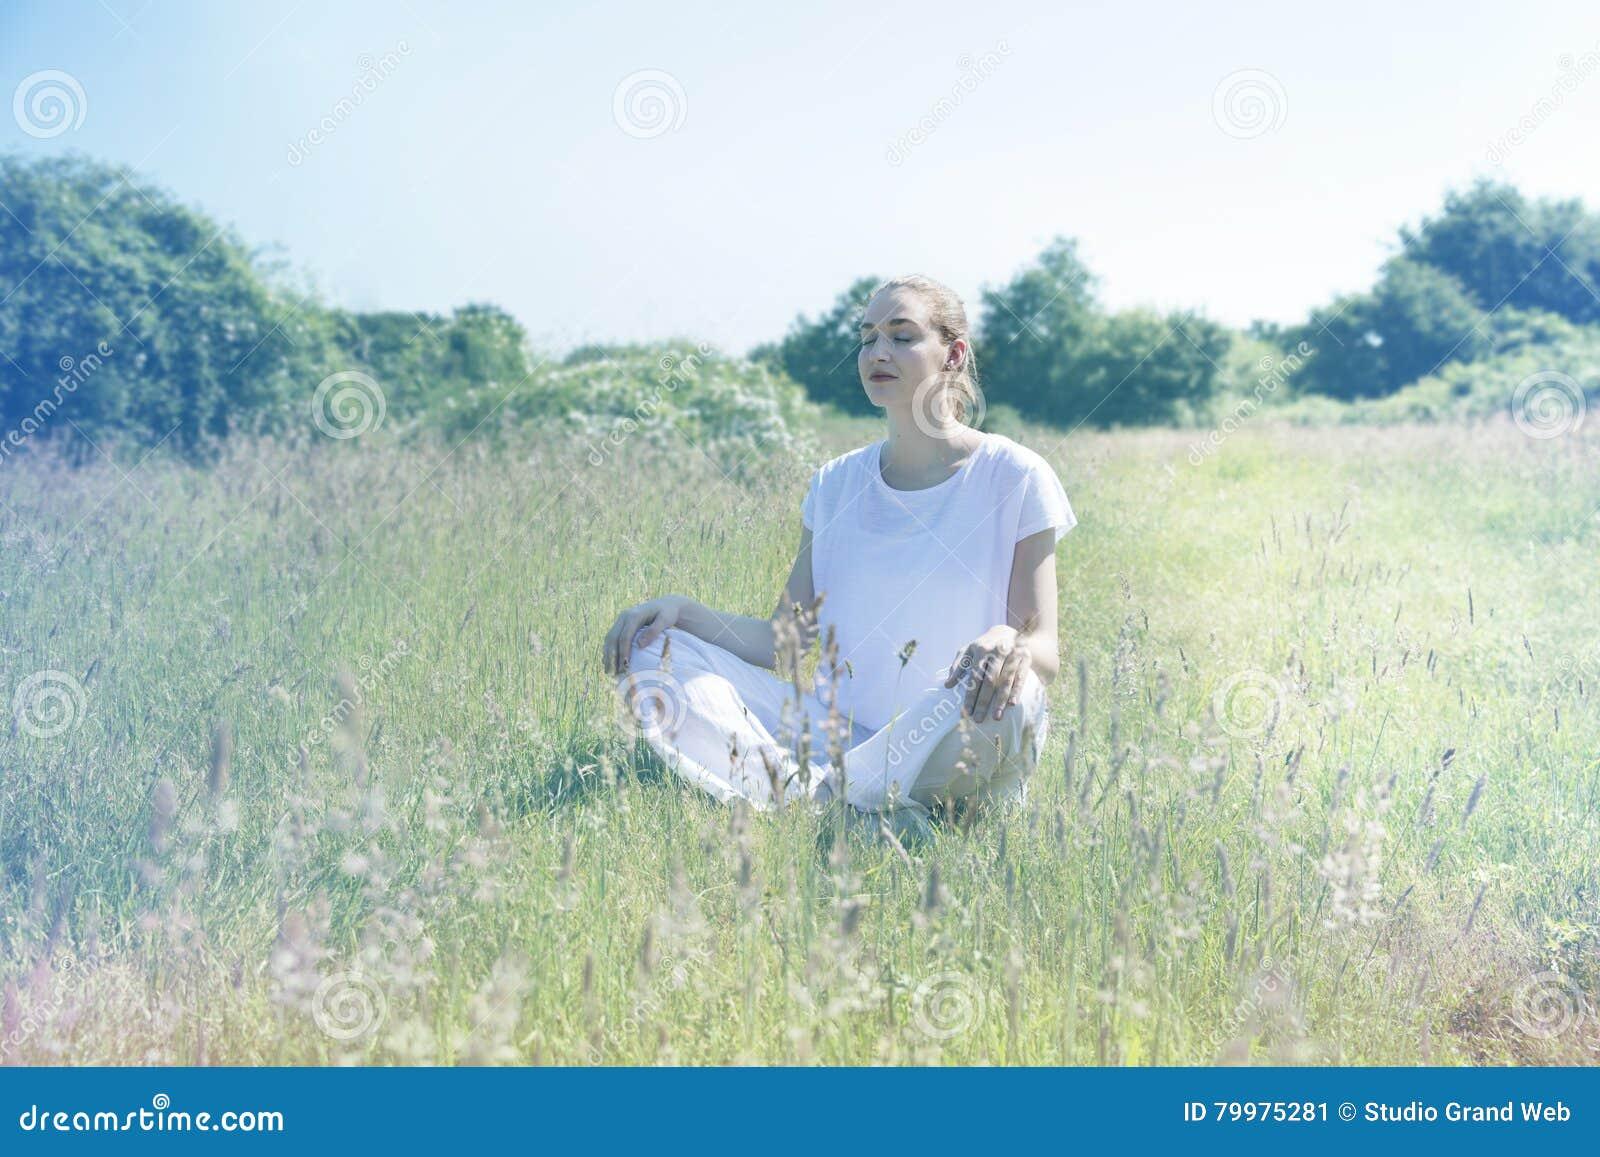 Ruhige junge Yogafrau mit Augen schloss für zentrierten Mindfulness